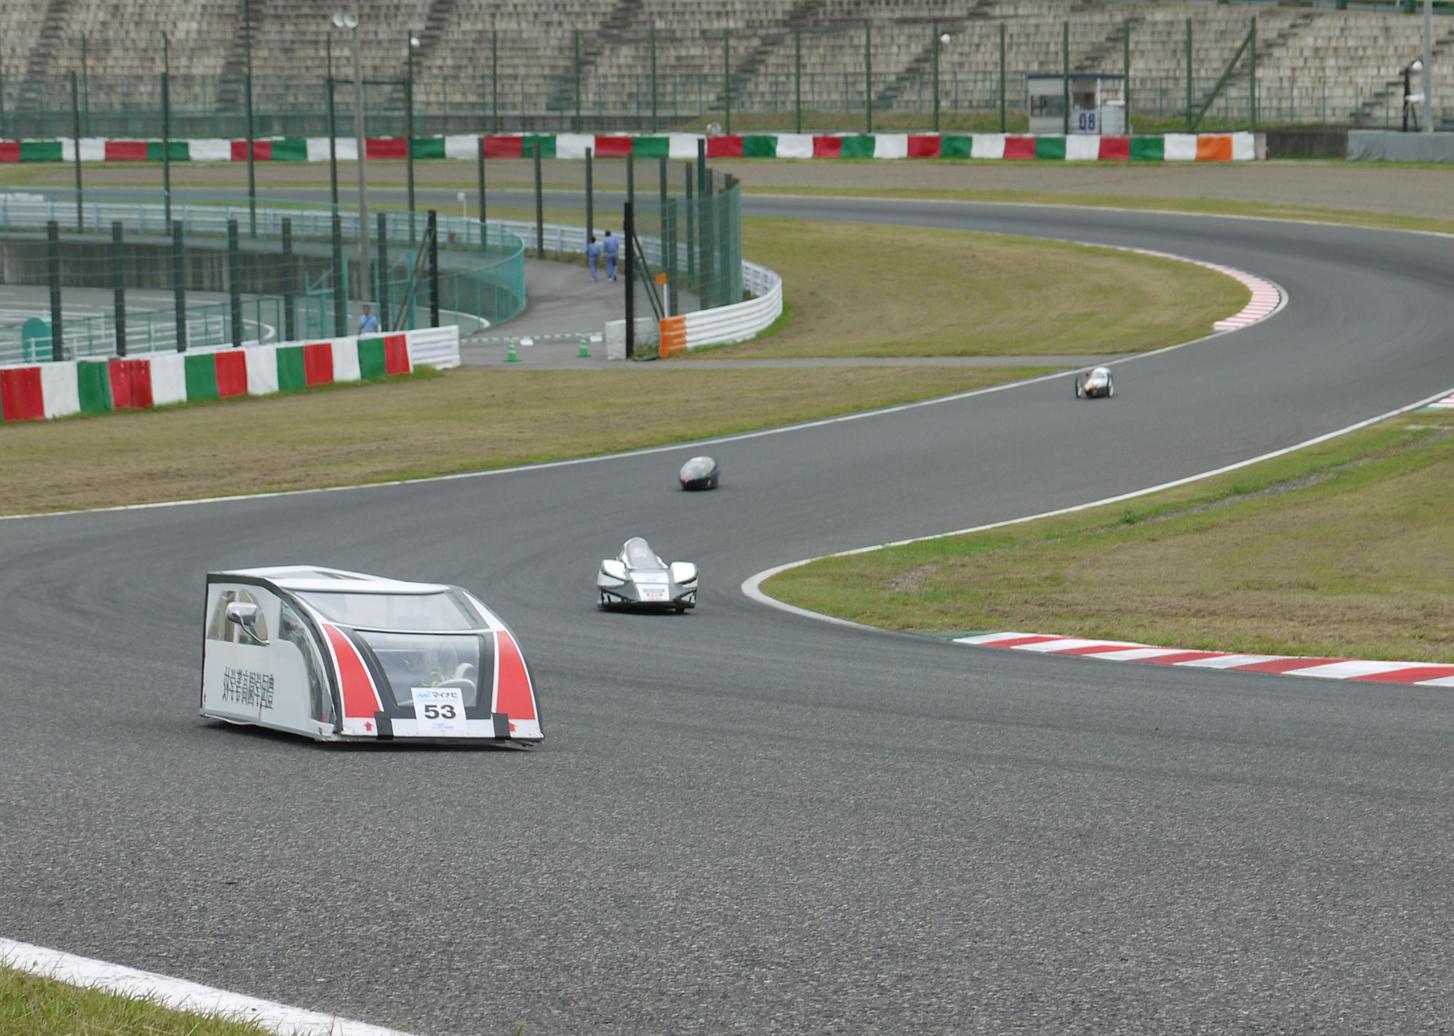 「マイナビ Ene-1 GP SUZUKA 2014」 KV-40チャレンジの様子